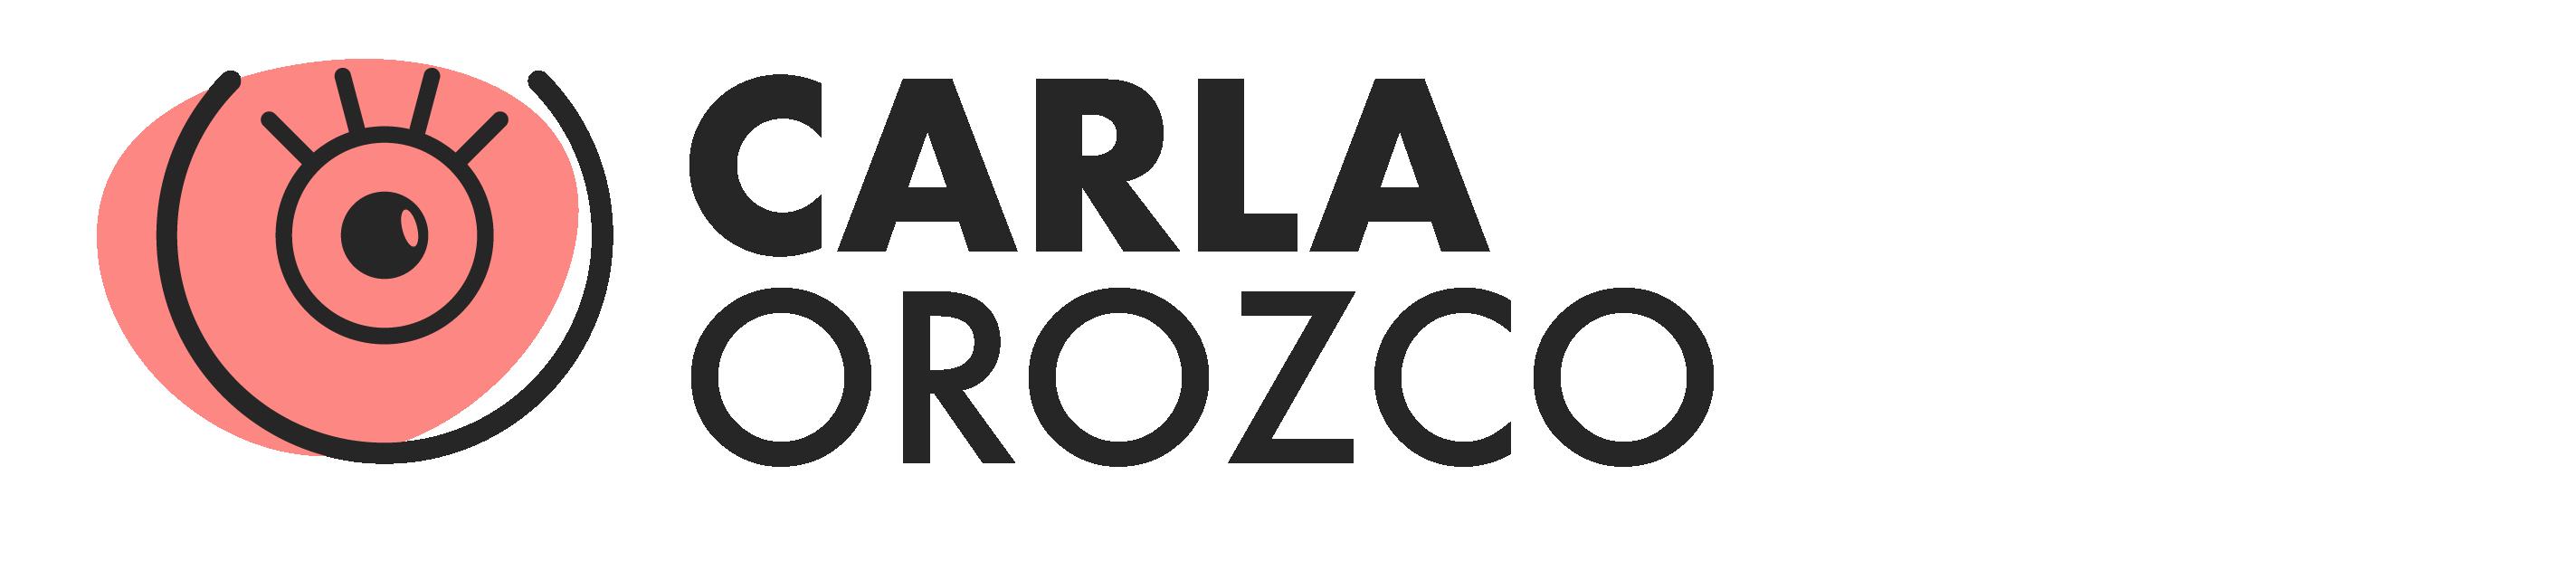 Carla Orozco